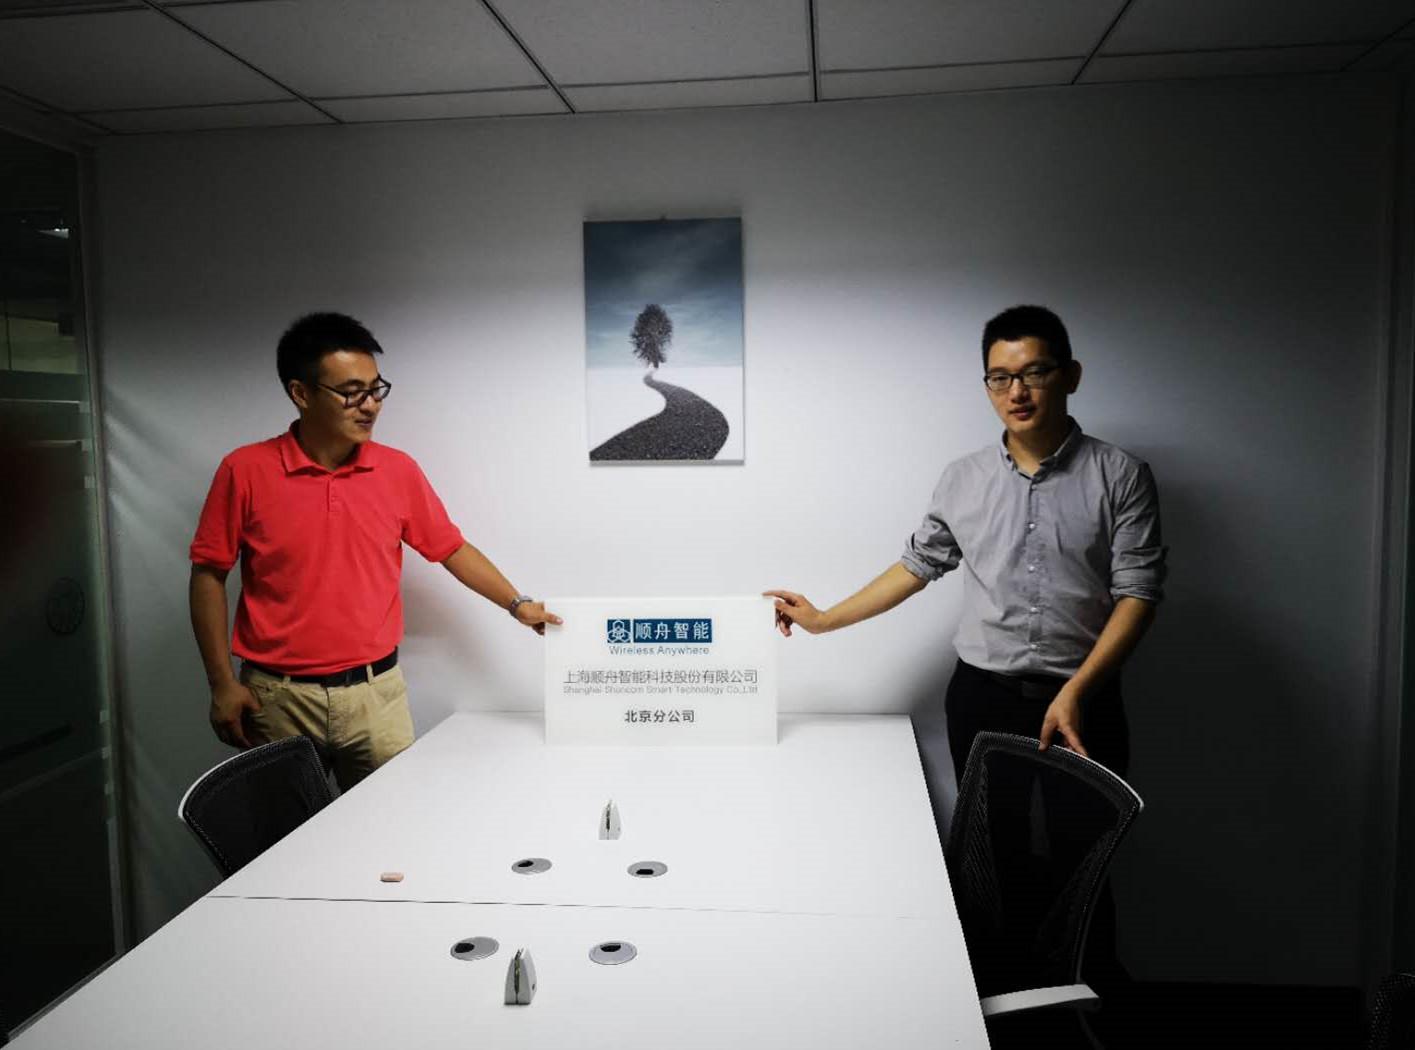 喜讯 | 新突破,新征程  顺舟智能北京分公司正式成立